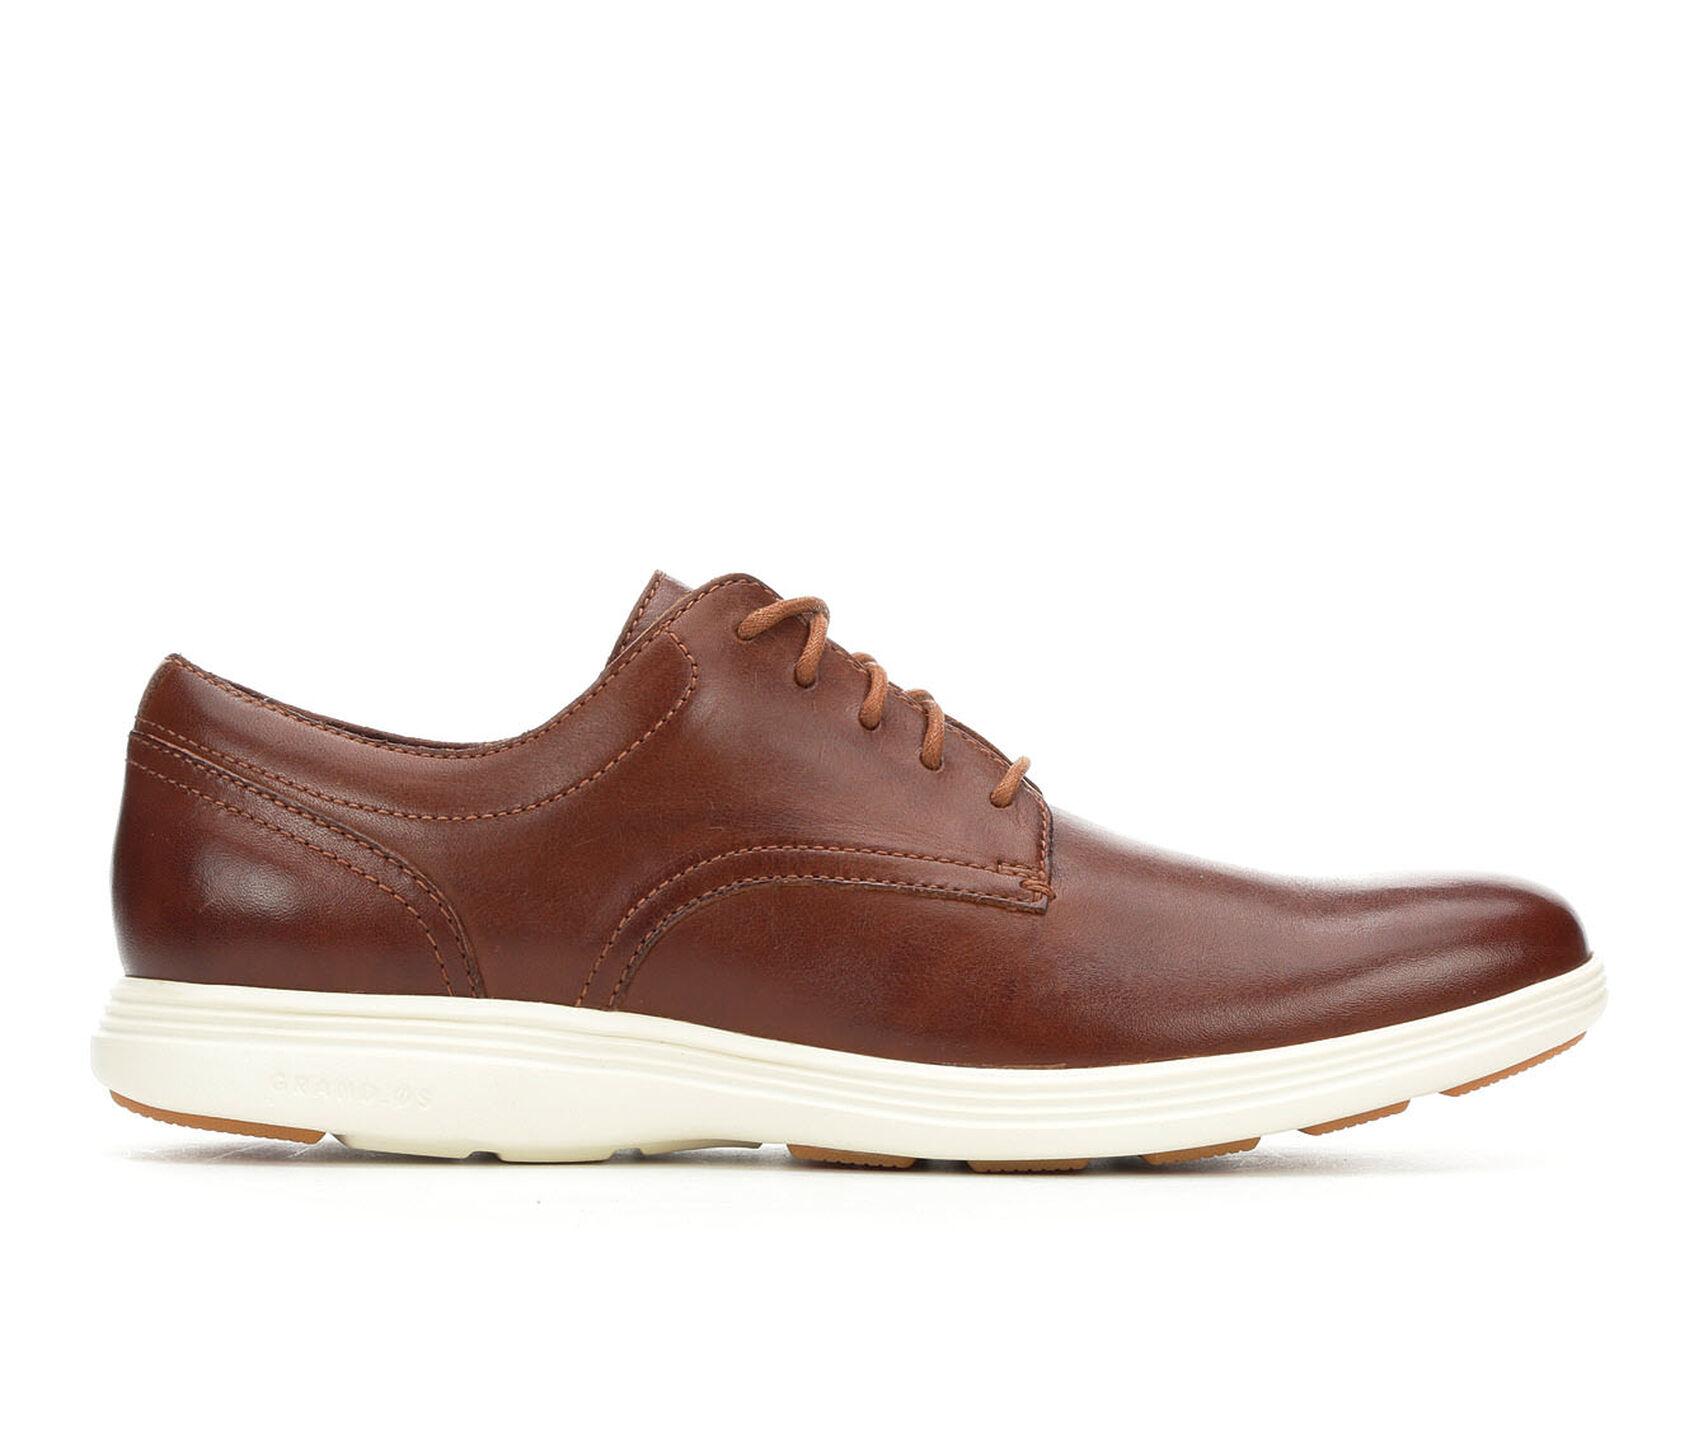 a383b64c99a Men's Cole Haan Grand Tour Plain Toe Oxford Dress Shoes | Shoe Carnival